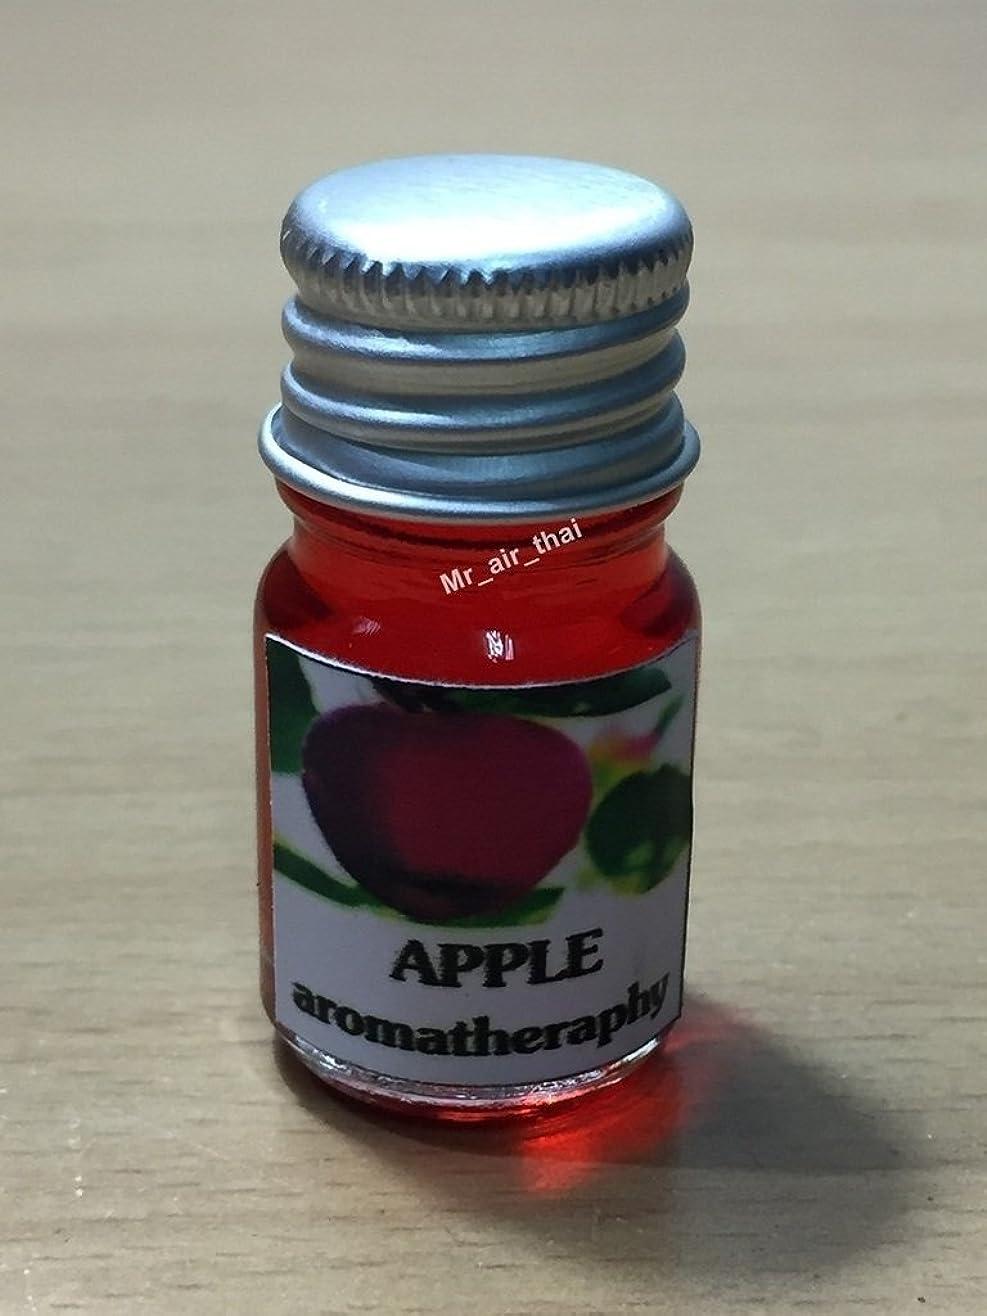 コジオスコトースト寂しい5ミリリットルアロマアップル(赤)フランクインセンスエッセンシャルオイルボトルアロマテラピーオイル自然自然5ml Aroma Apple (red) Frankincense Essential Oil Bottles Aromatherapy Oils natural nature